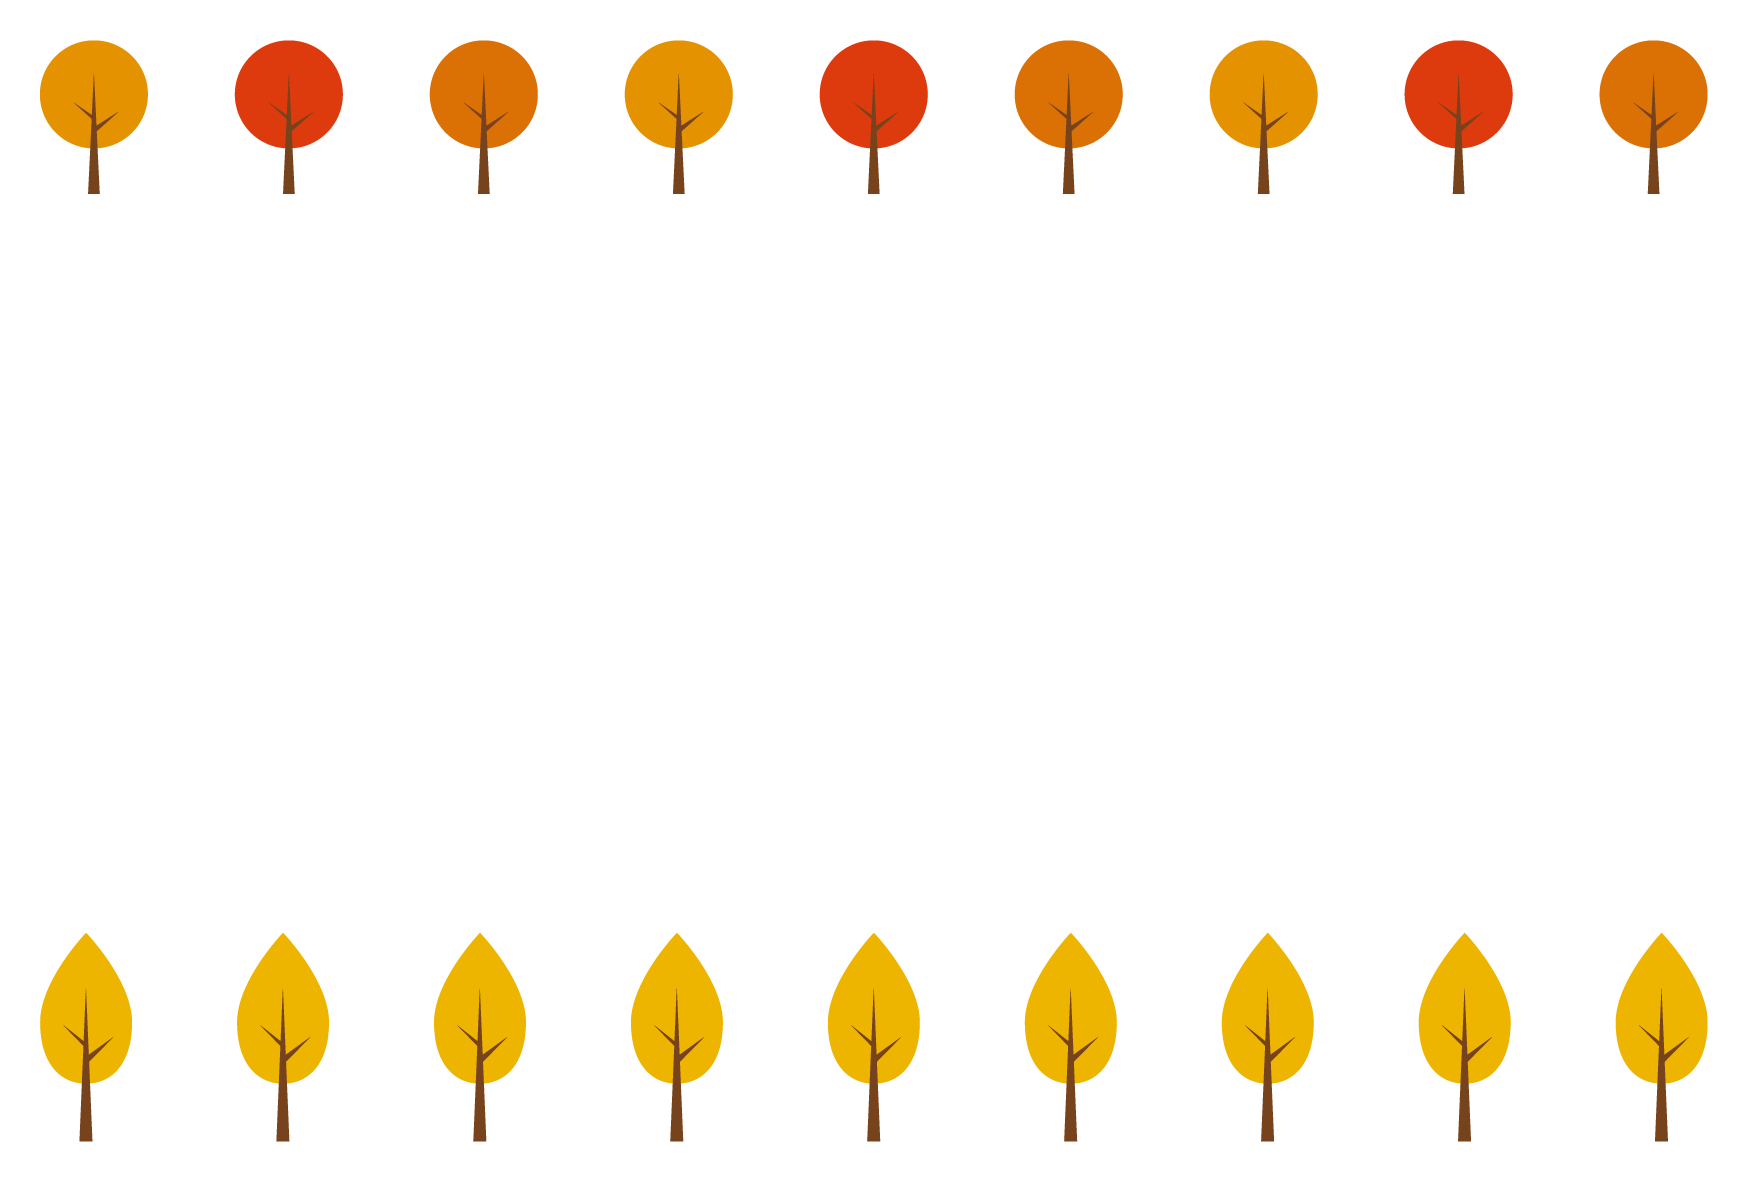 秋 紅葉した木 シンプル枠イラスト 横 無料 イラストk